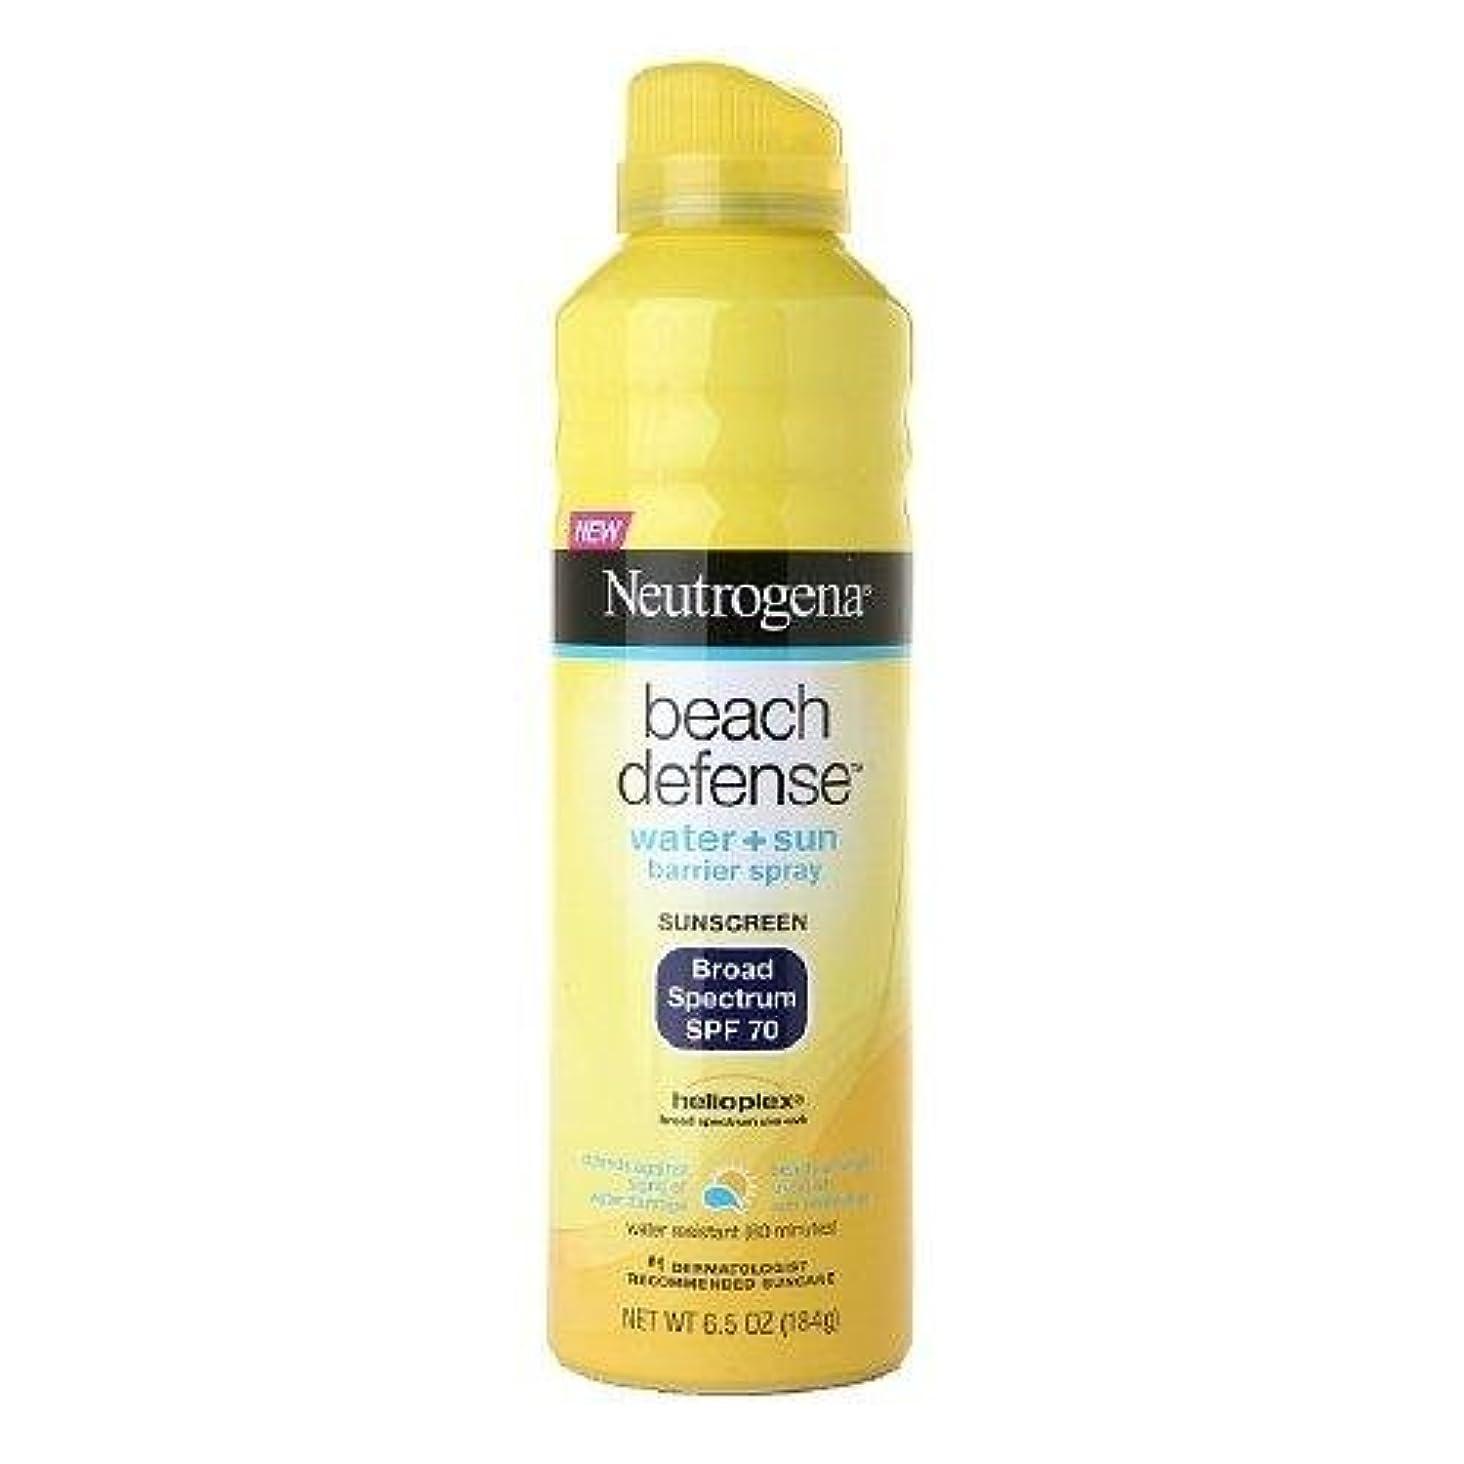 洗うホーム接続された【海外直送品】 ニュートロジーナ 皮膚科推薦 日焼け止めスプレー SPF70 184g  Neutrogena Beach Defense Broad Spectrum Sunscreen Spray, SPF 70,...